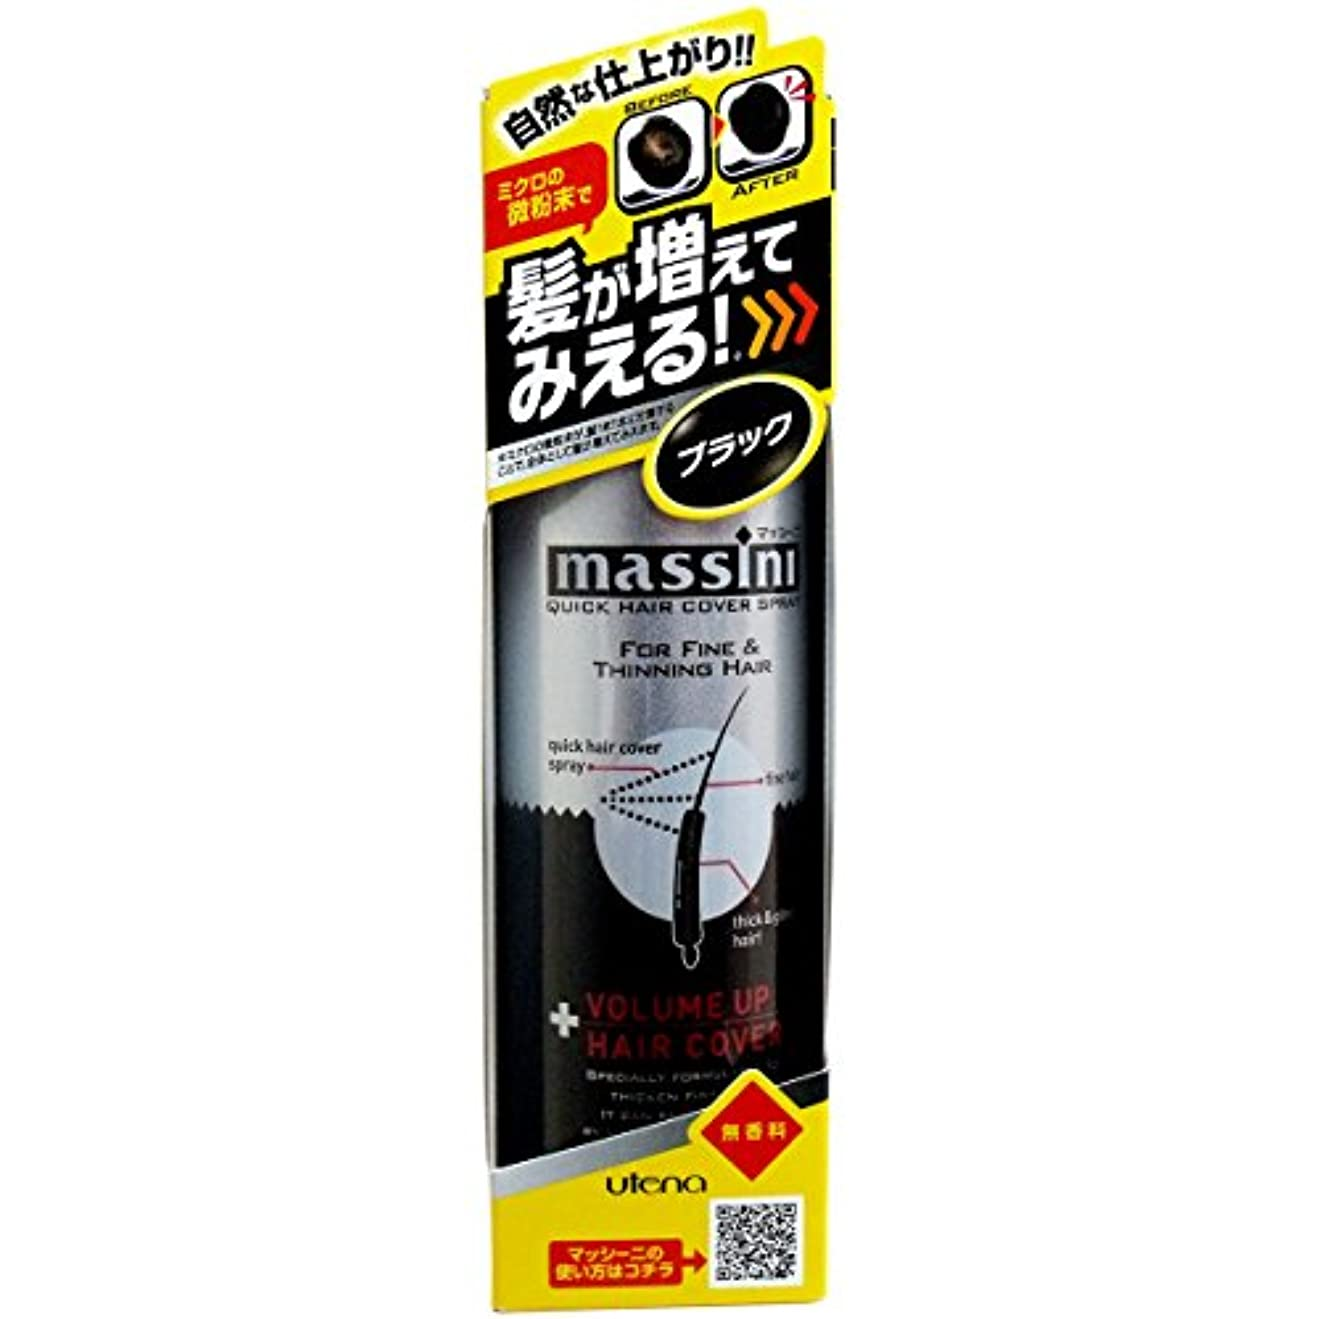 素晴らしさ海繊維【まとめ買い】マッシーニ クイックヘアカバースプレーBK(ブラック) 1P ×2セット